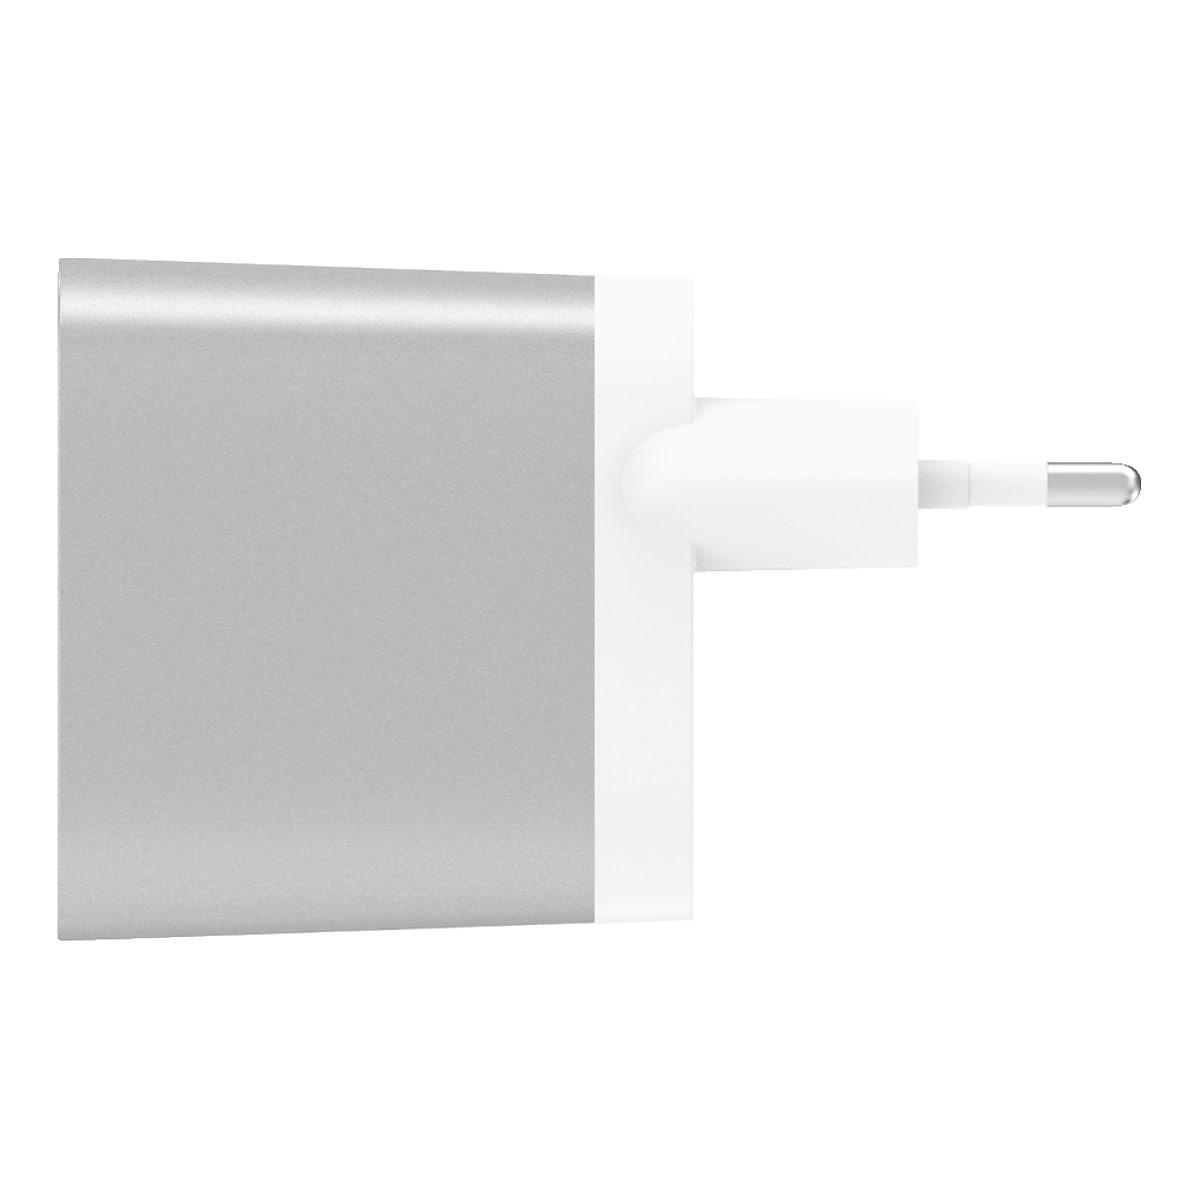 Laddare USB-C  27 W, Belkin